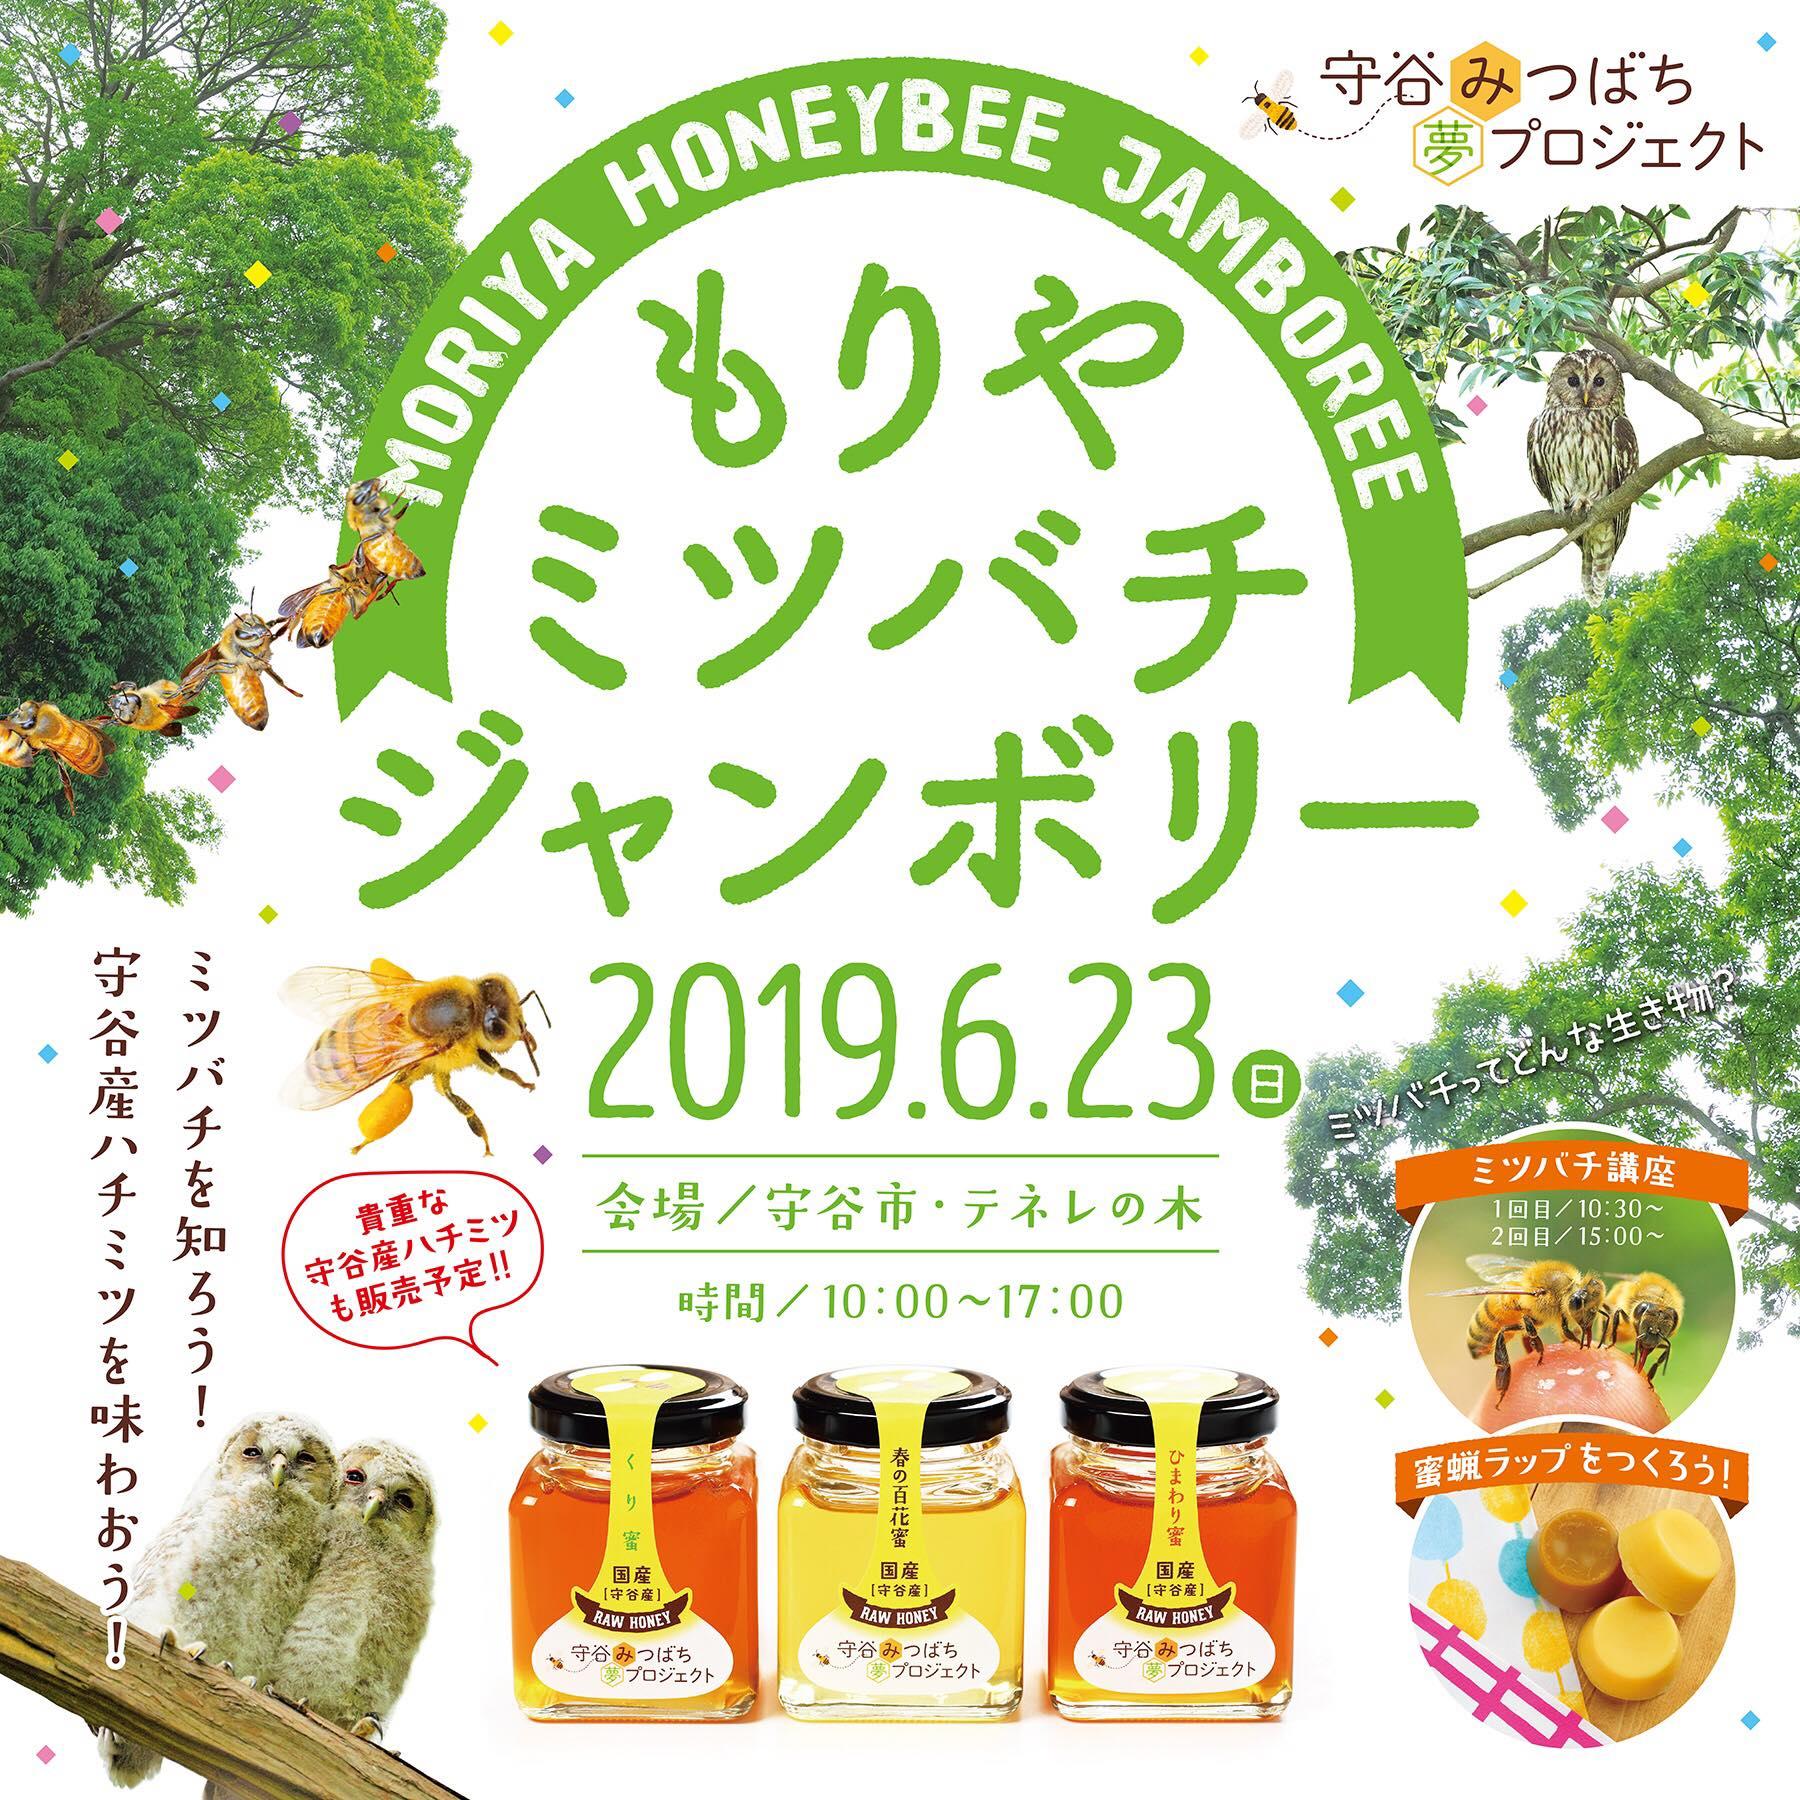 もりやミツバチジャンボリーに出店します!